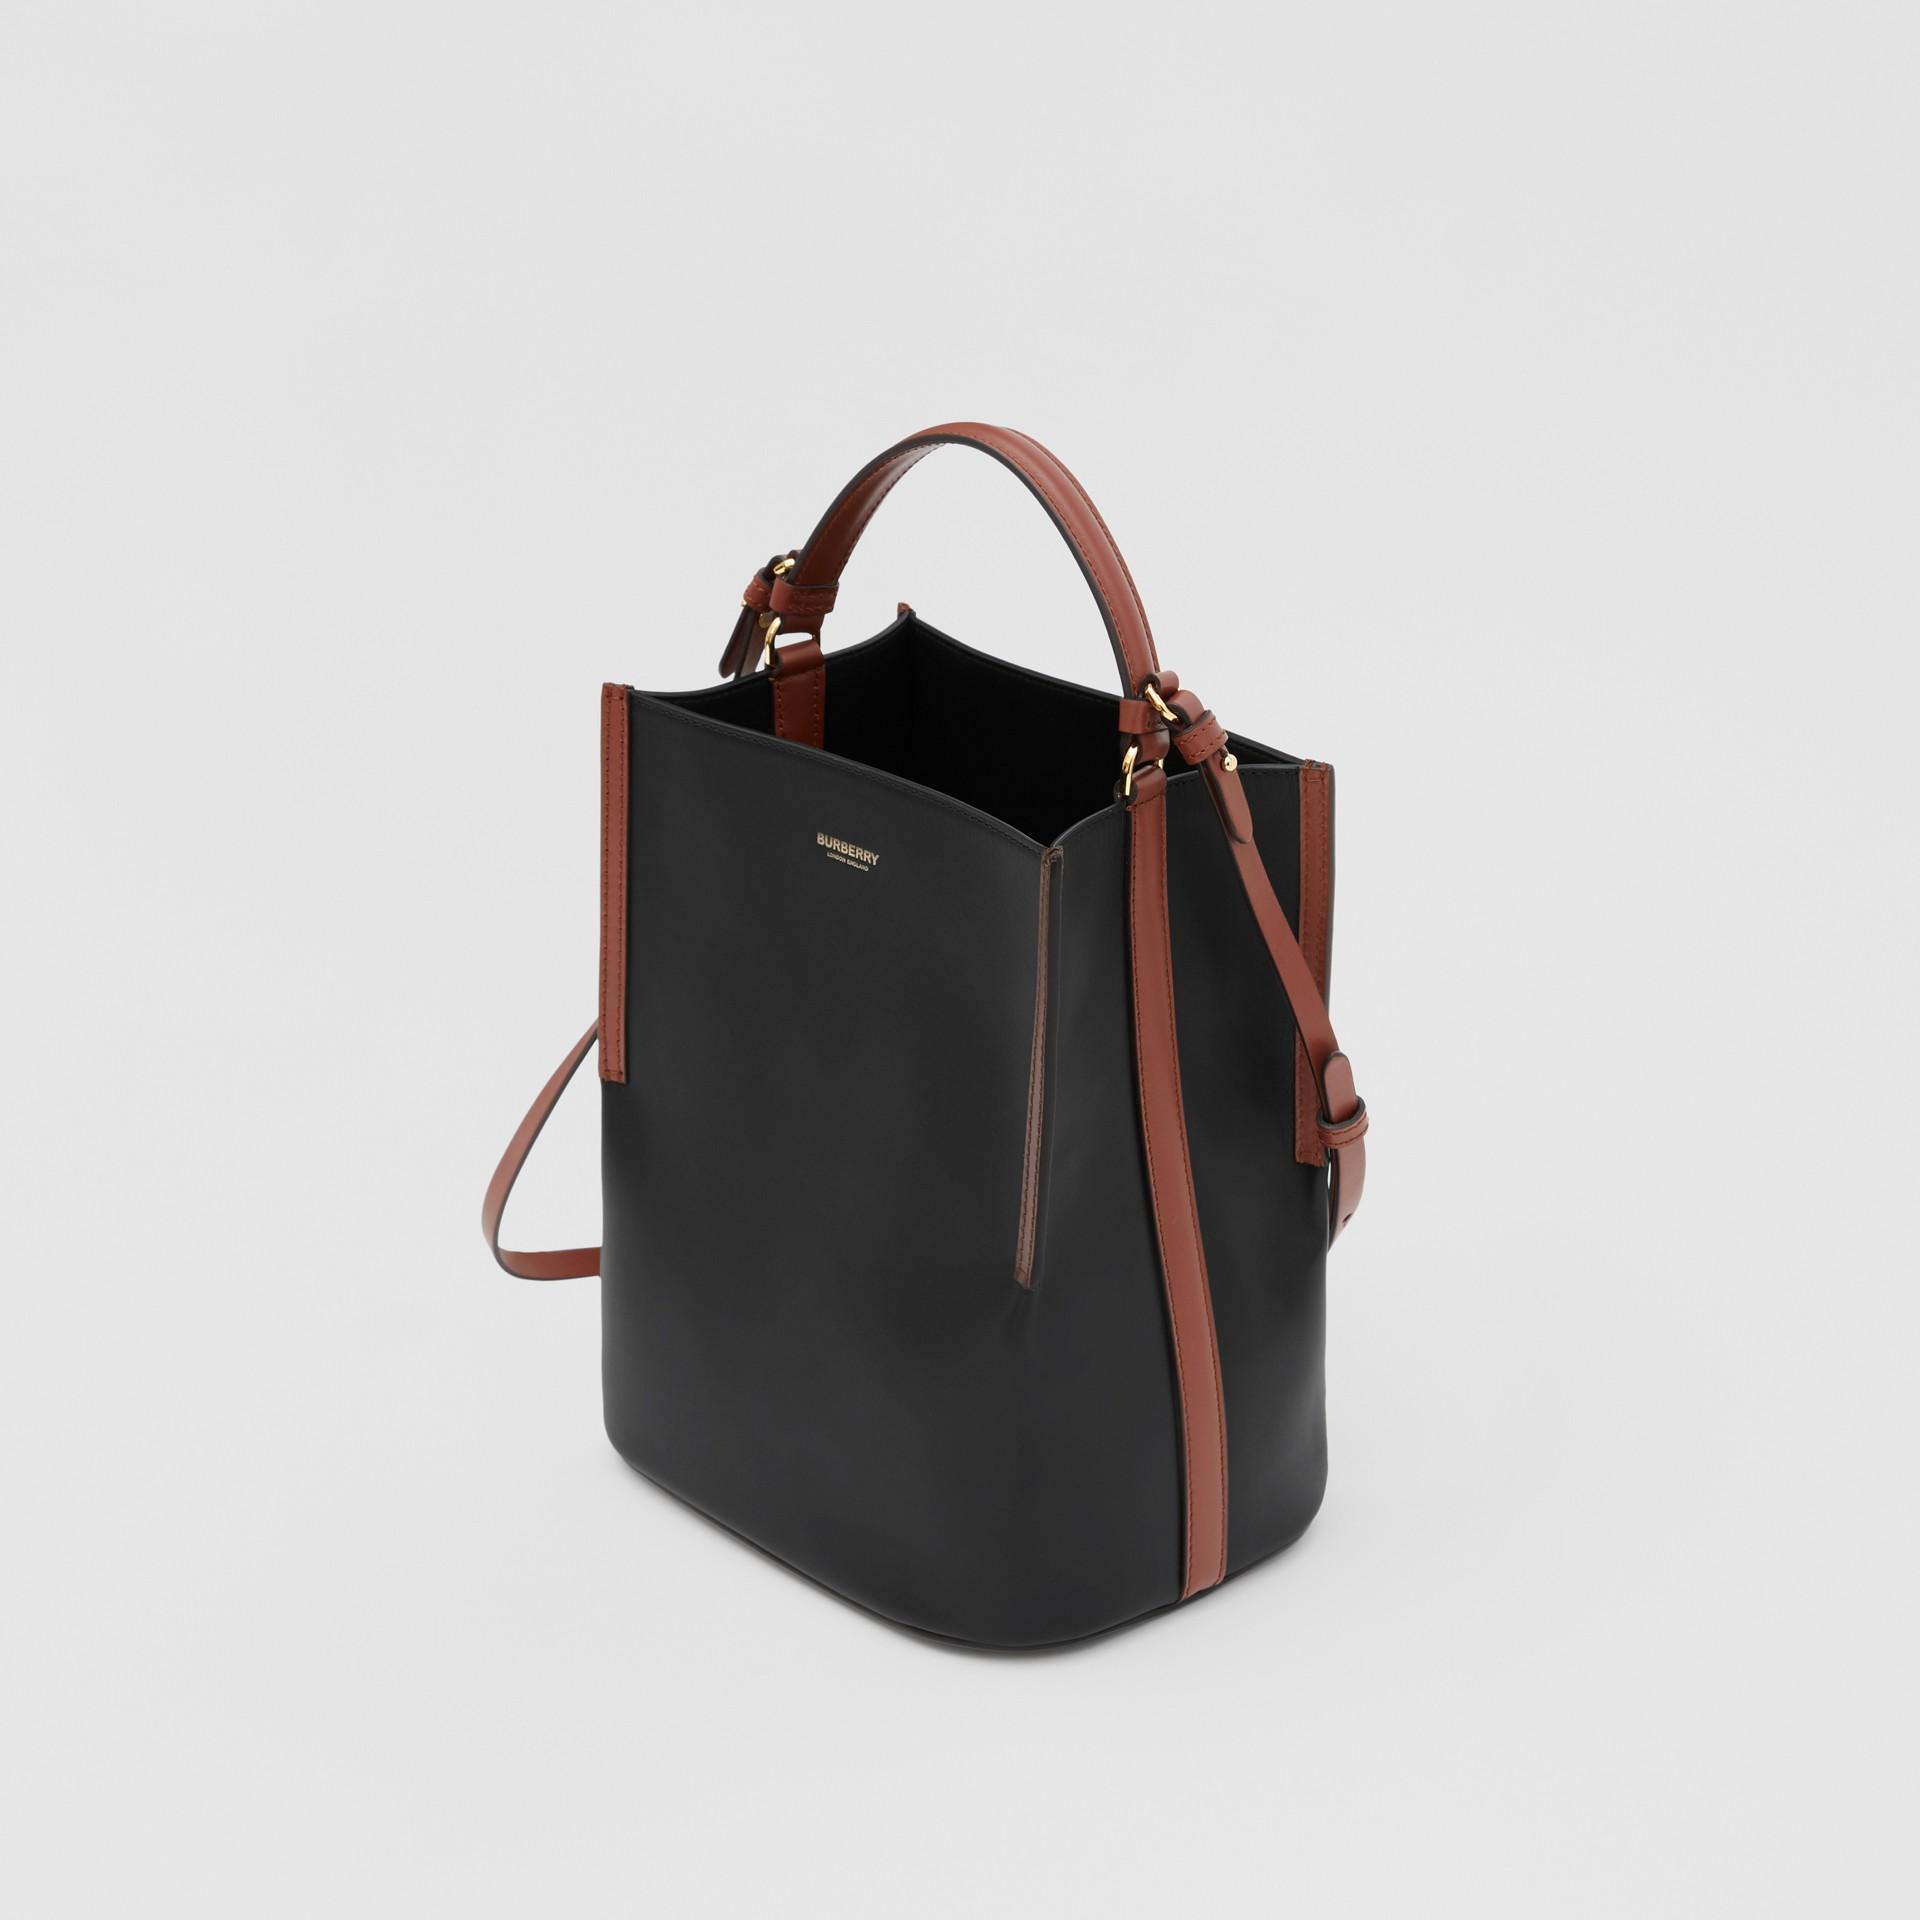 스몰 투톤 레더 페기 버킷 백 (블랙) - 여성 | Burberry - 갤러리 이미지 3